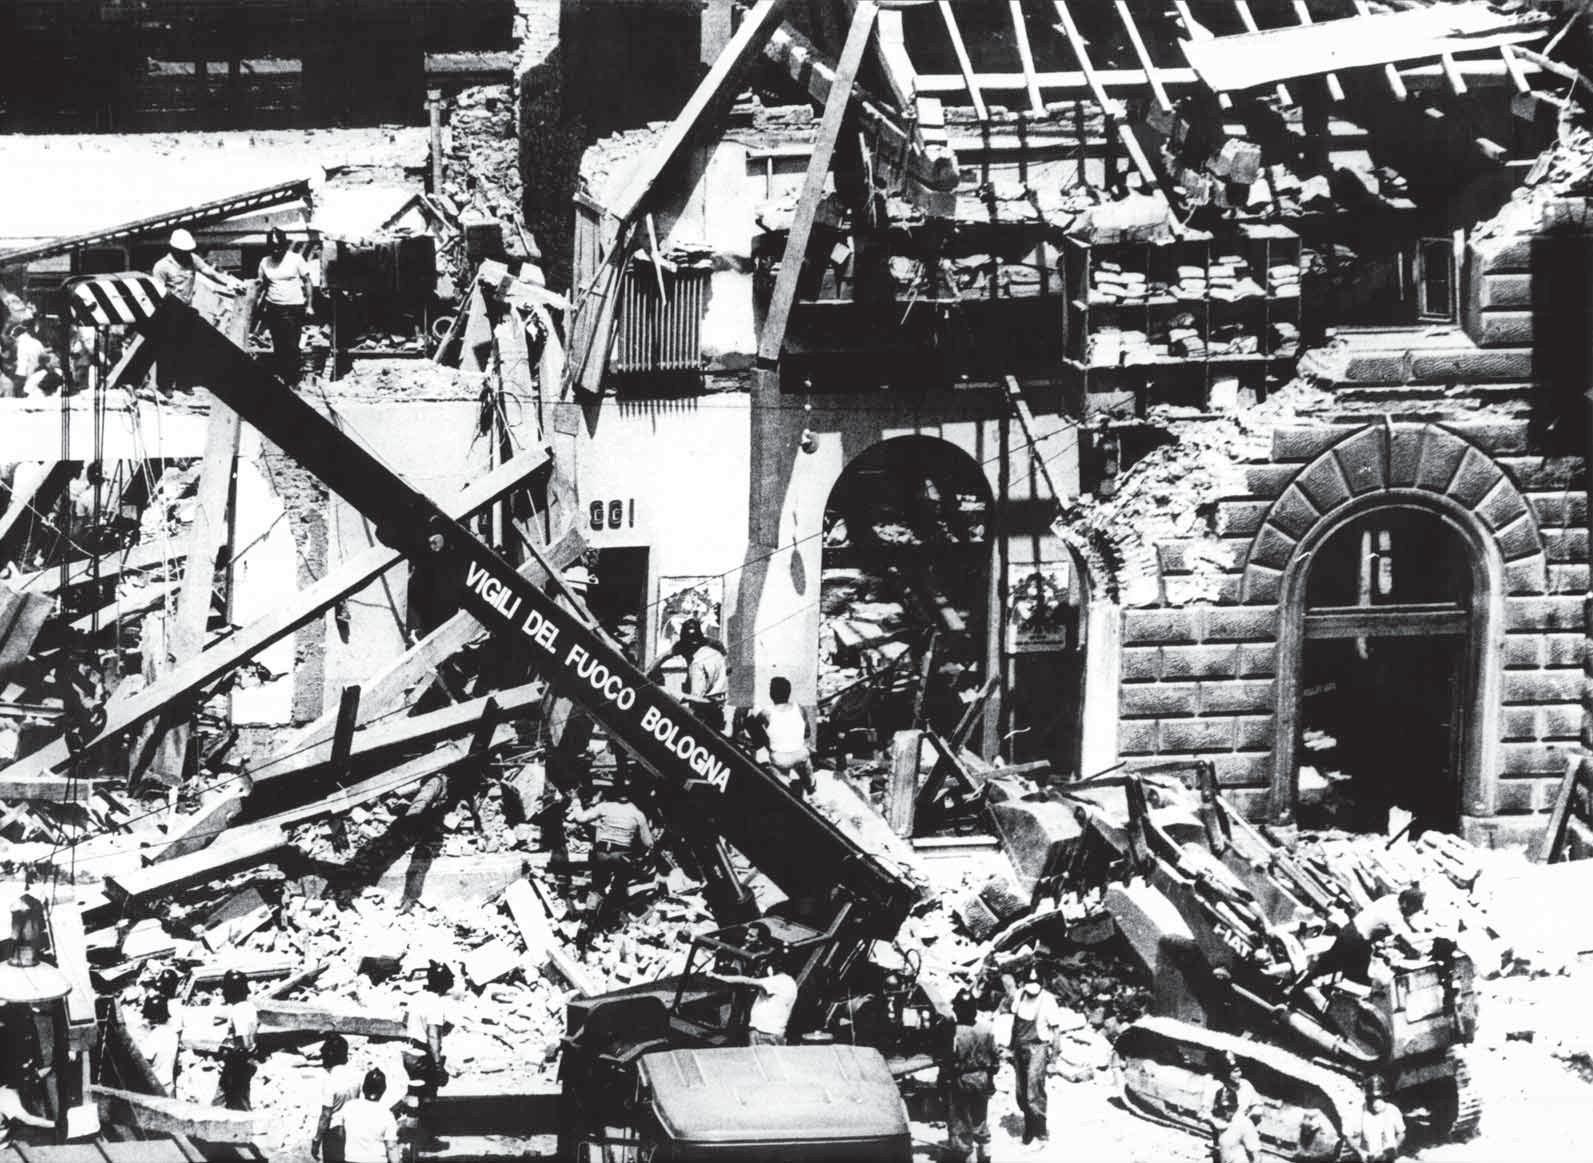 Strage alla stazione di Bologna - 1980